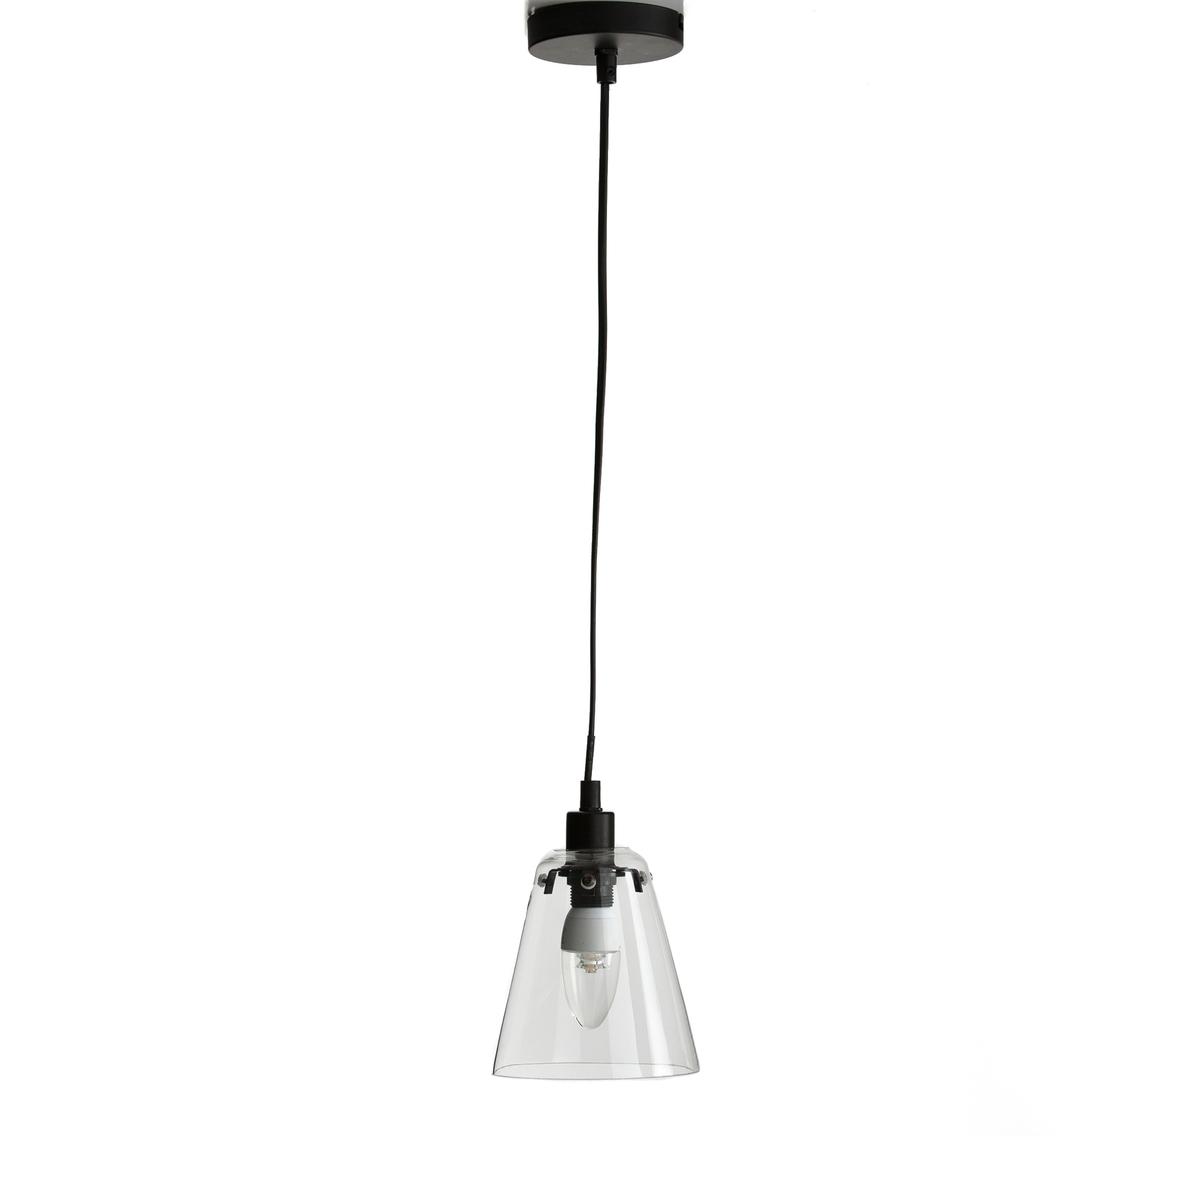 Подвесной светильник из стекла и металла, KIYOПростые и современные линии этого подвесного светильника из стекла в форме абажура, который сочетается с любым интерьером.Характеристики подвесного светильника Kiyo :Электрифицированный   Патрон E14/флуокомпактная лампа 8 Вт макс., продается отдельно.Этот светильник совместим с лампочками энергетического класса  : A Абажур из прозрачного стекла Вставка из матового металла черного цвета, покрытие эпоксидной краскойКабель с пластиковой оболочкой, 120 смВсю коллекцию светильников вы можете найти на сайте laredoute.ru.Размеры подвесного светильника Kiyo :Абажур : Диаметр внизу : 13,4 смДиаметр верха : 14,2 смКабель: Длина 120 см.<br><br>Цвет: стеклянный прозрачный